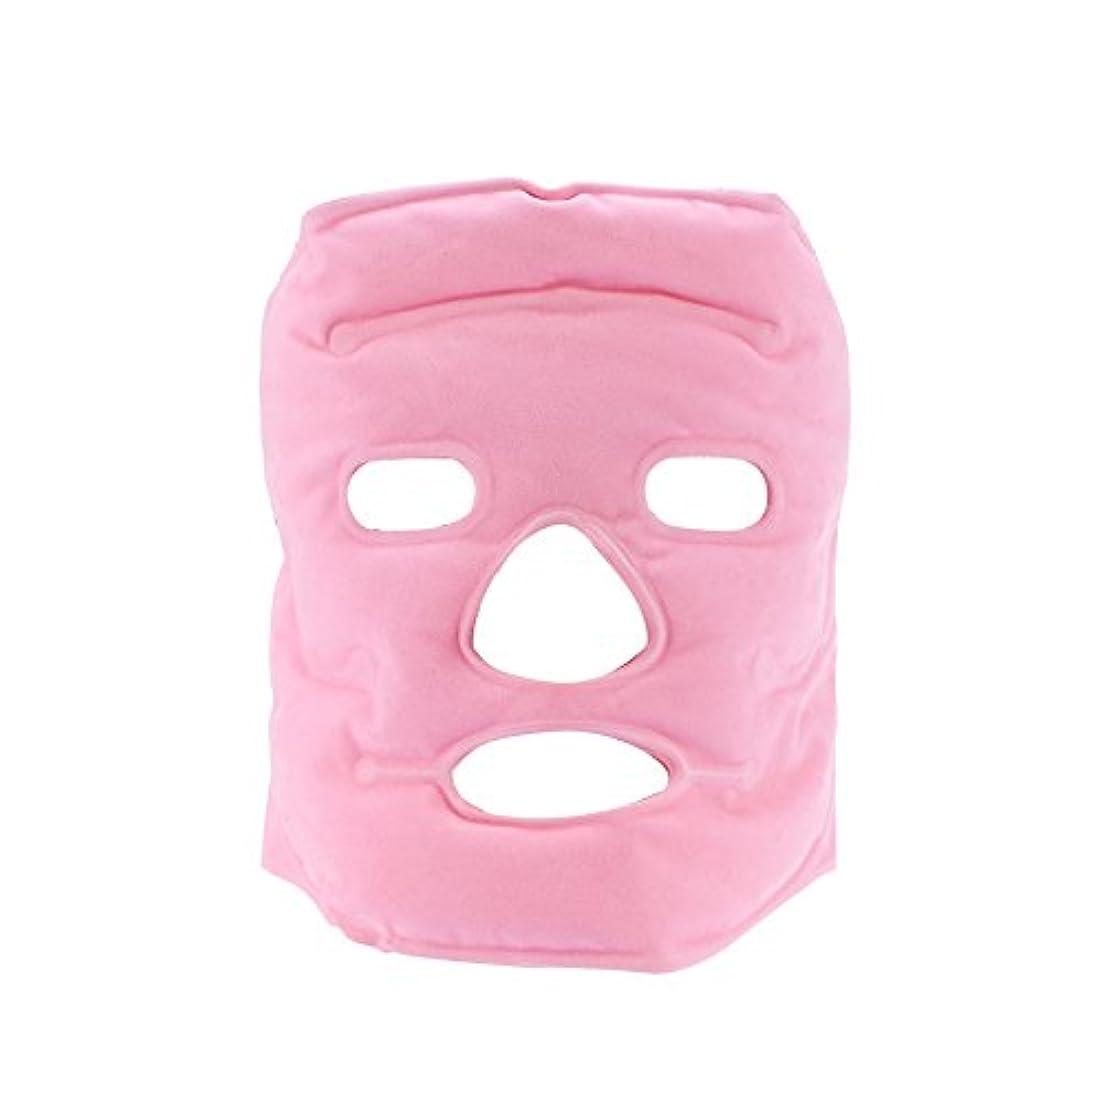 不確実時代ムストルマリンフェイスマスク、フェイシャル美容マスク計器トルマリン磁気コールド/ホットコンプレッションマッサージアンチリンクルフェイスケア女性